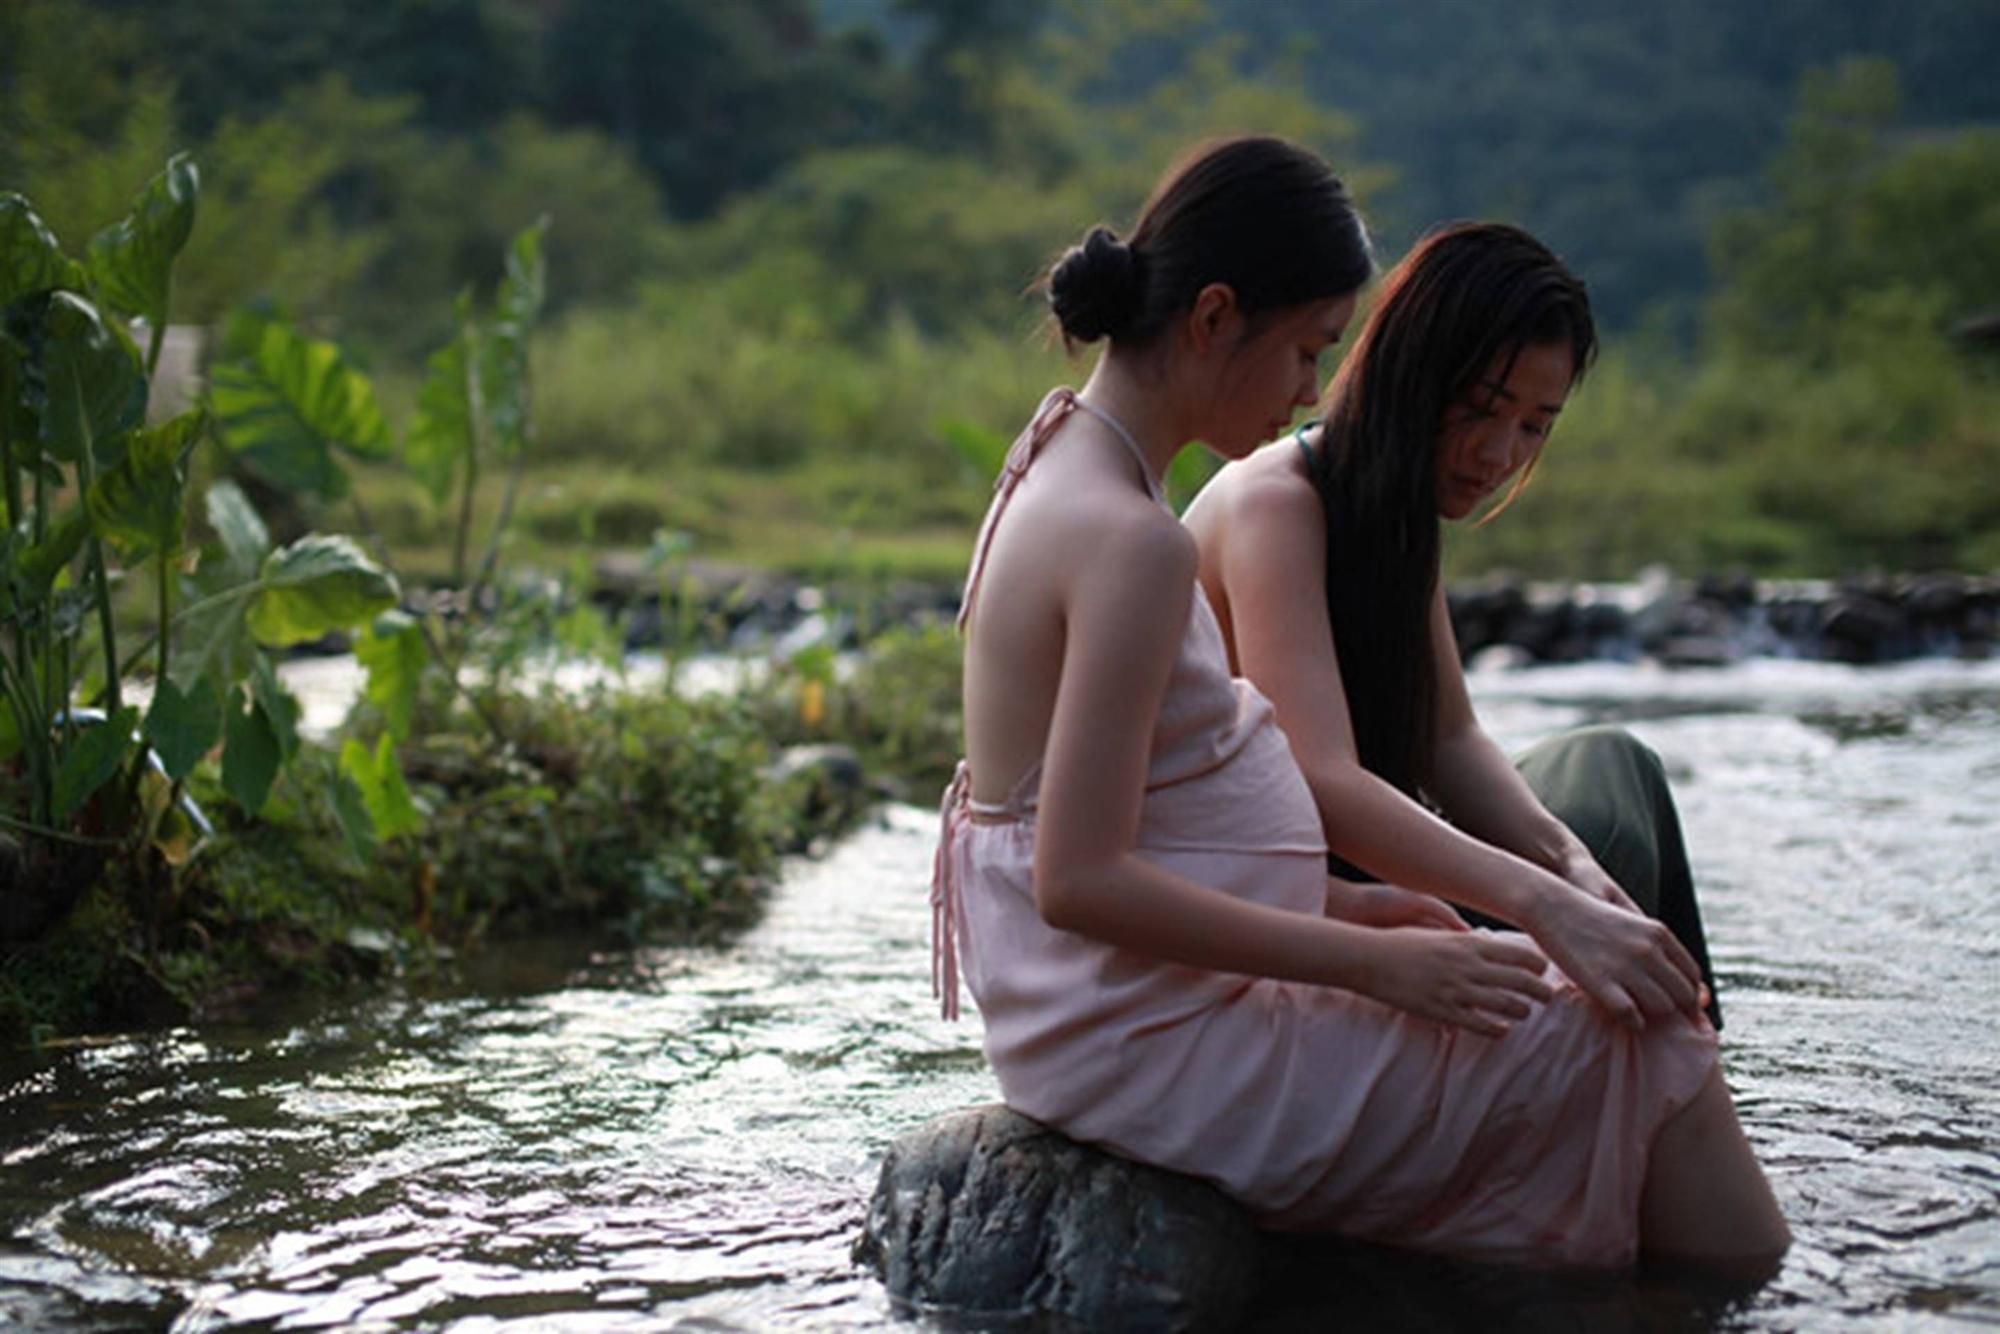 Nhan sắc cô gái Việt đóng cảnh nóng năm 13 tuổi trong phim Vợ ba-4